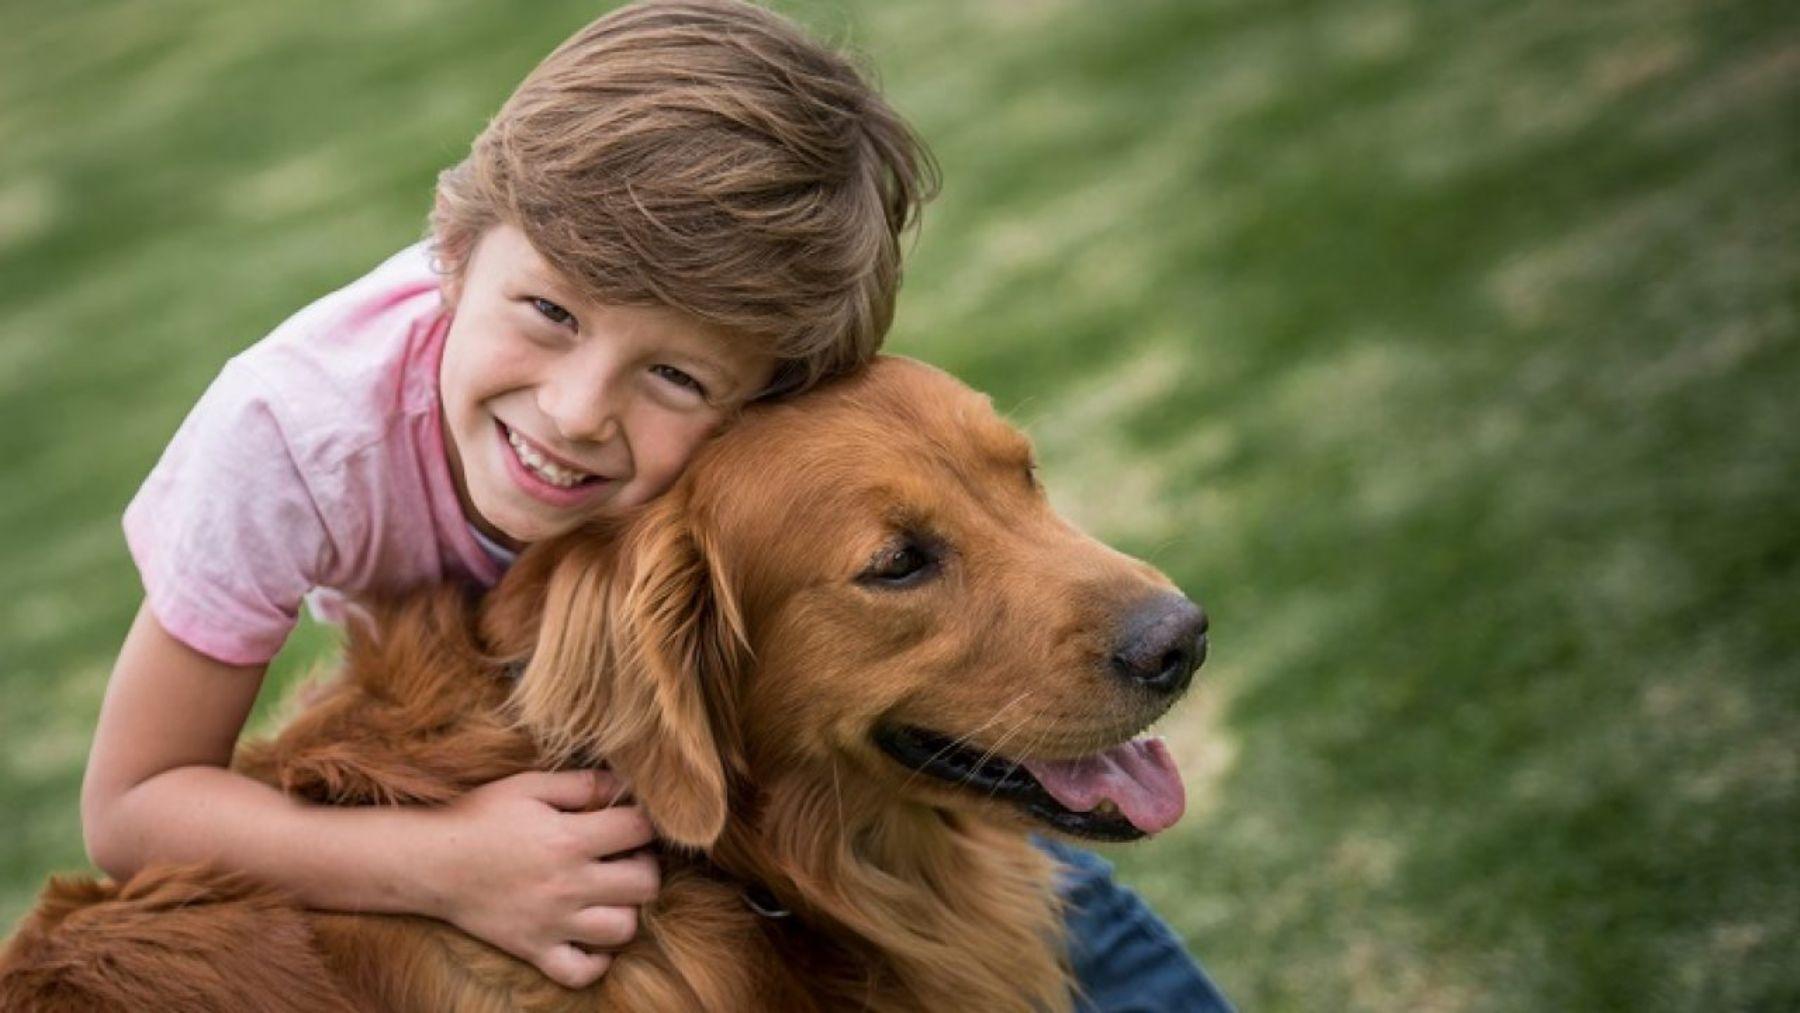 Qué tipo de responsabilidades pueden tener los niños con los perros